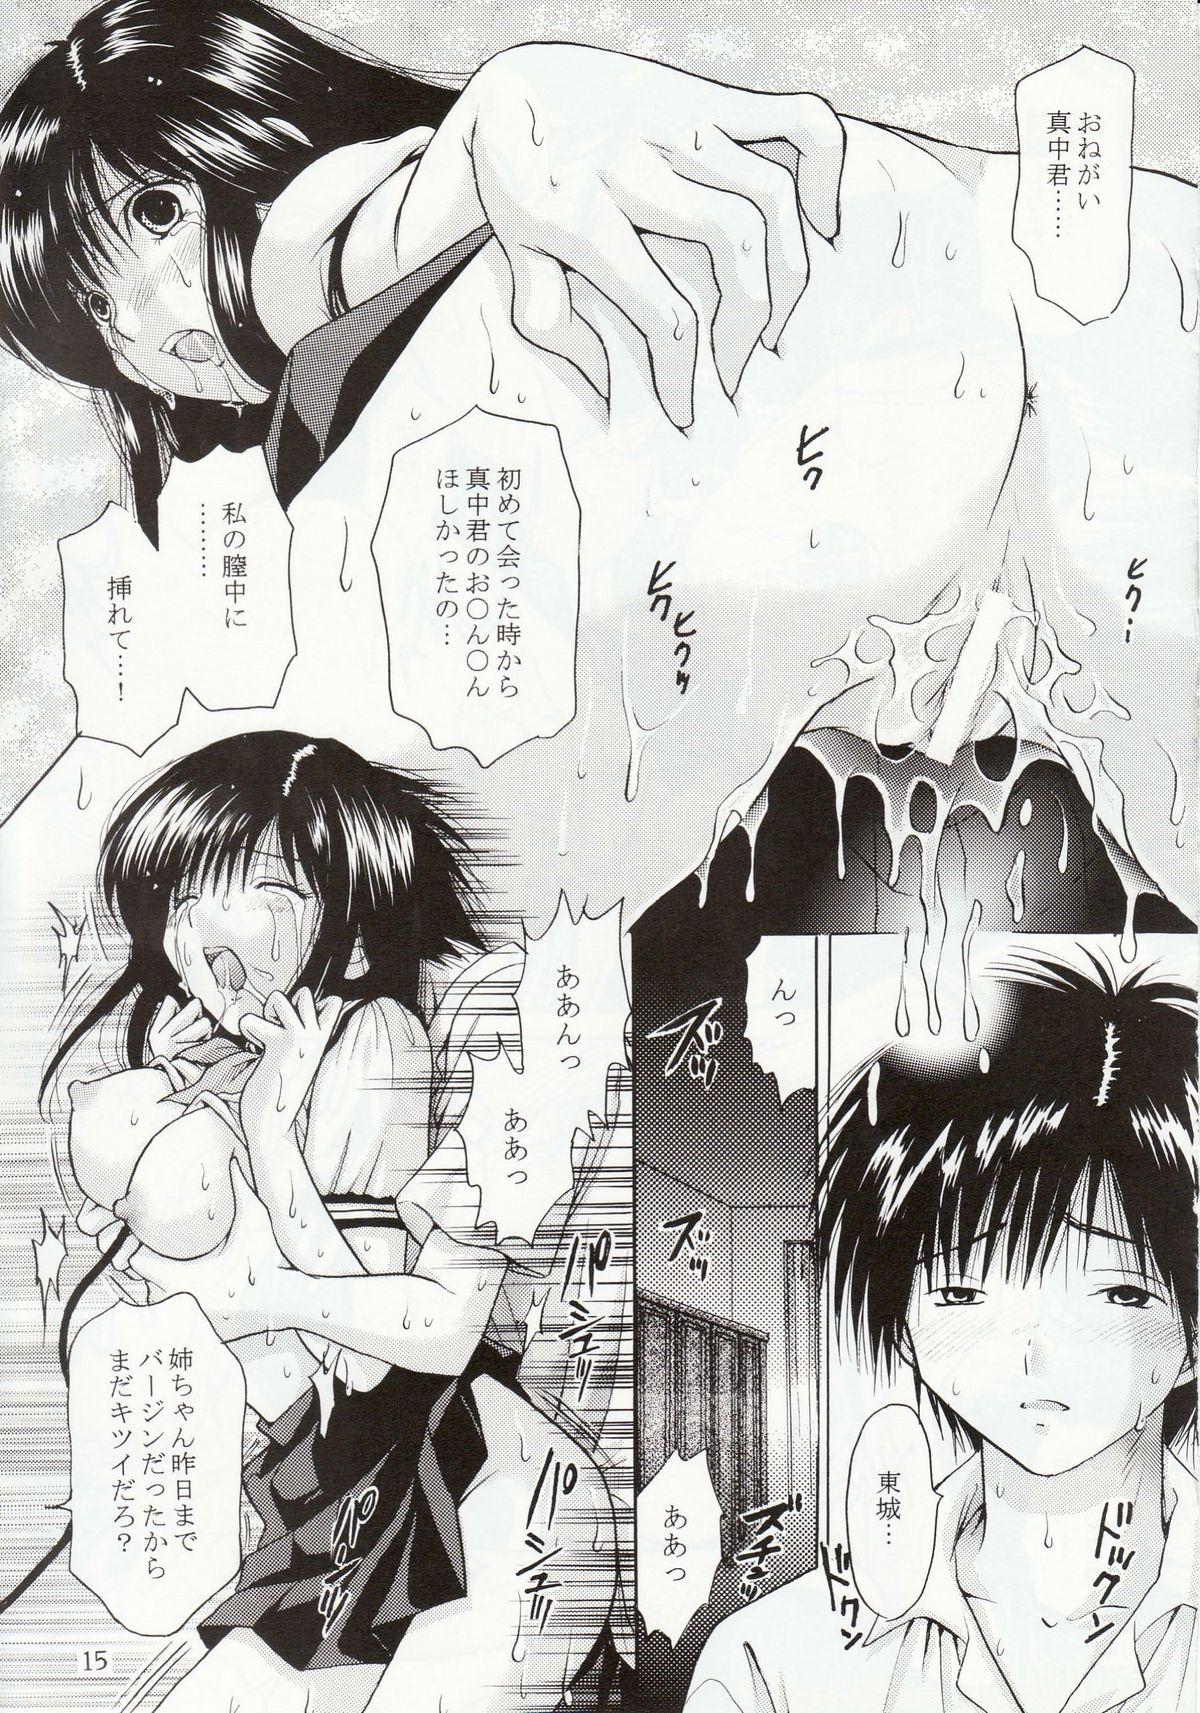 Ichigo 120% Zettai Zetsumei Vol. 2 13